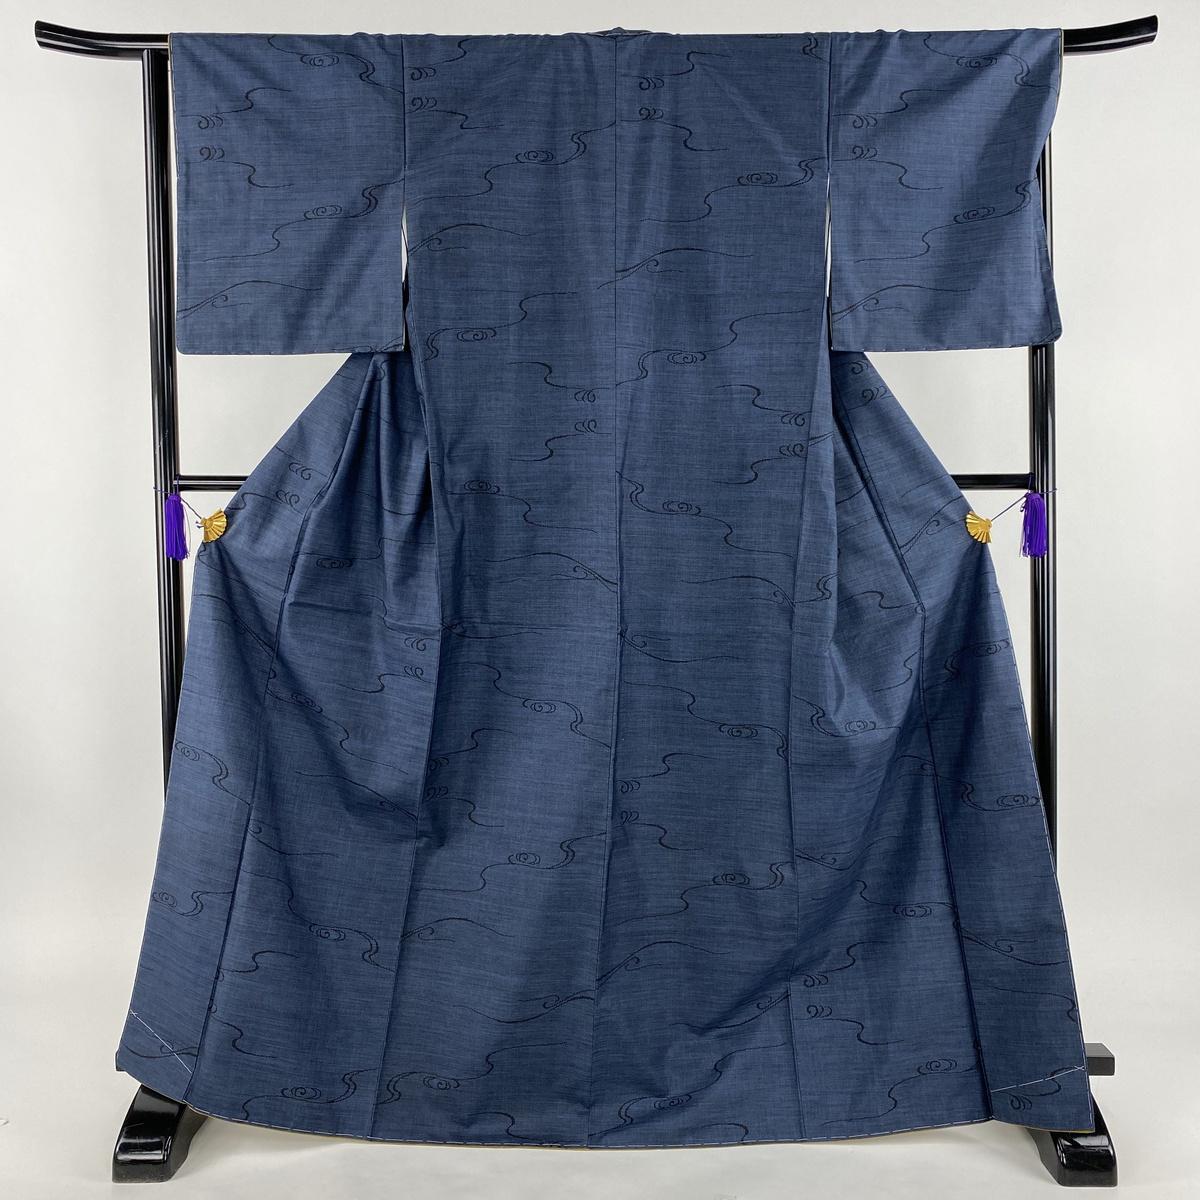 紬 美品 秀品 流水 藍色 袷 身丈169cm 裄丈66.5cm M 正絹 【中古】